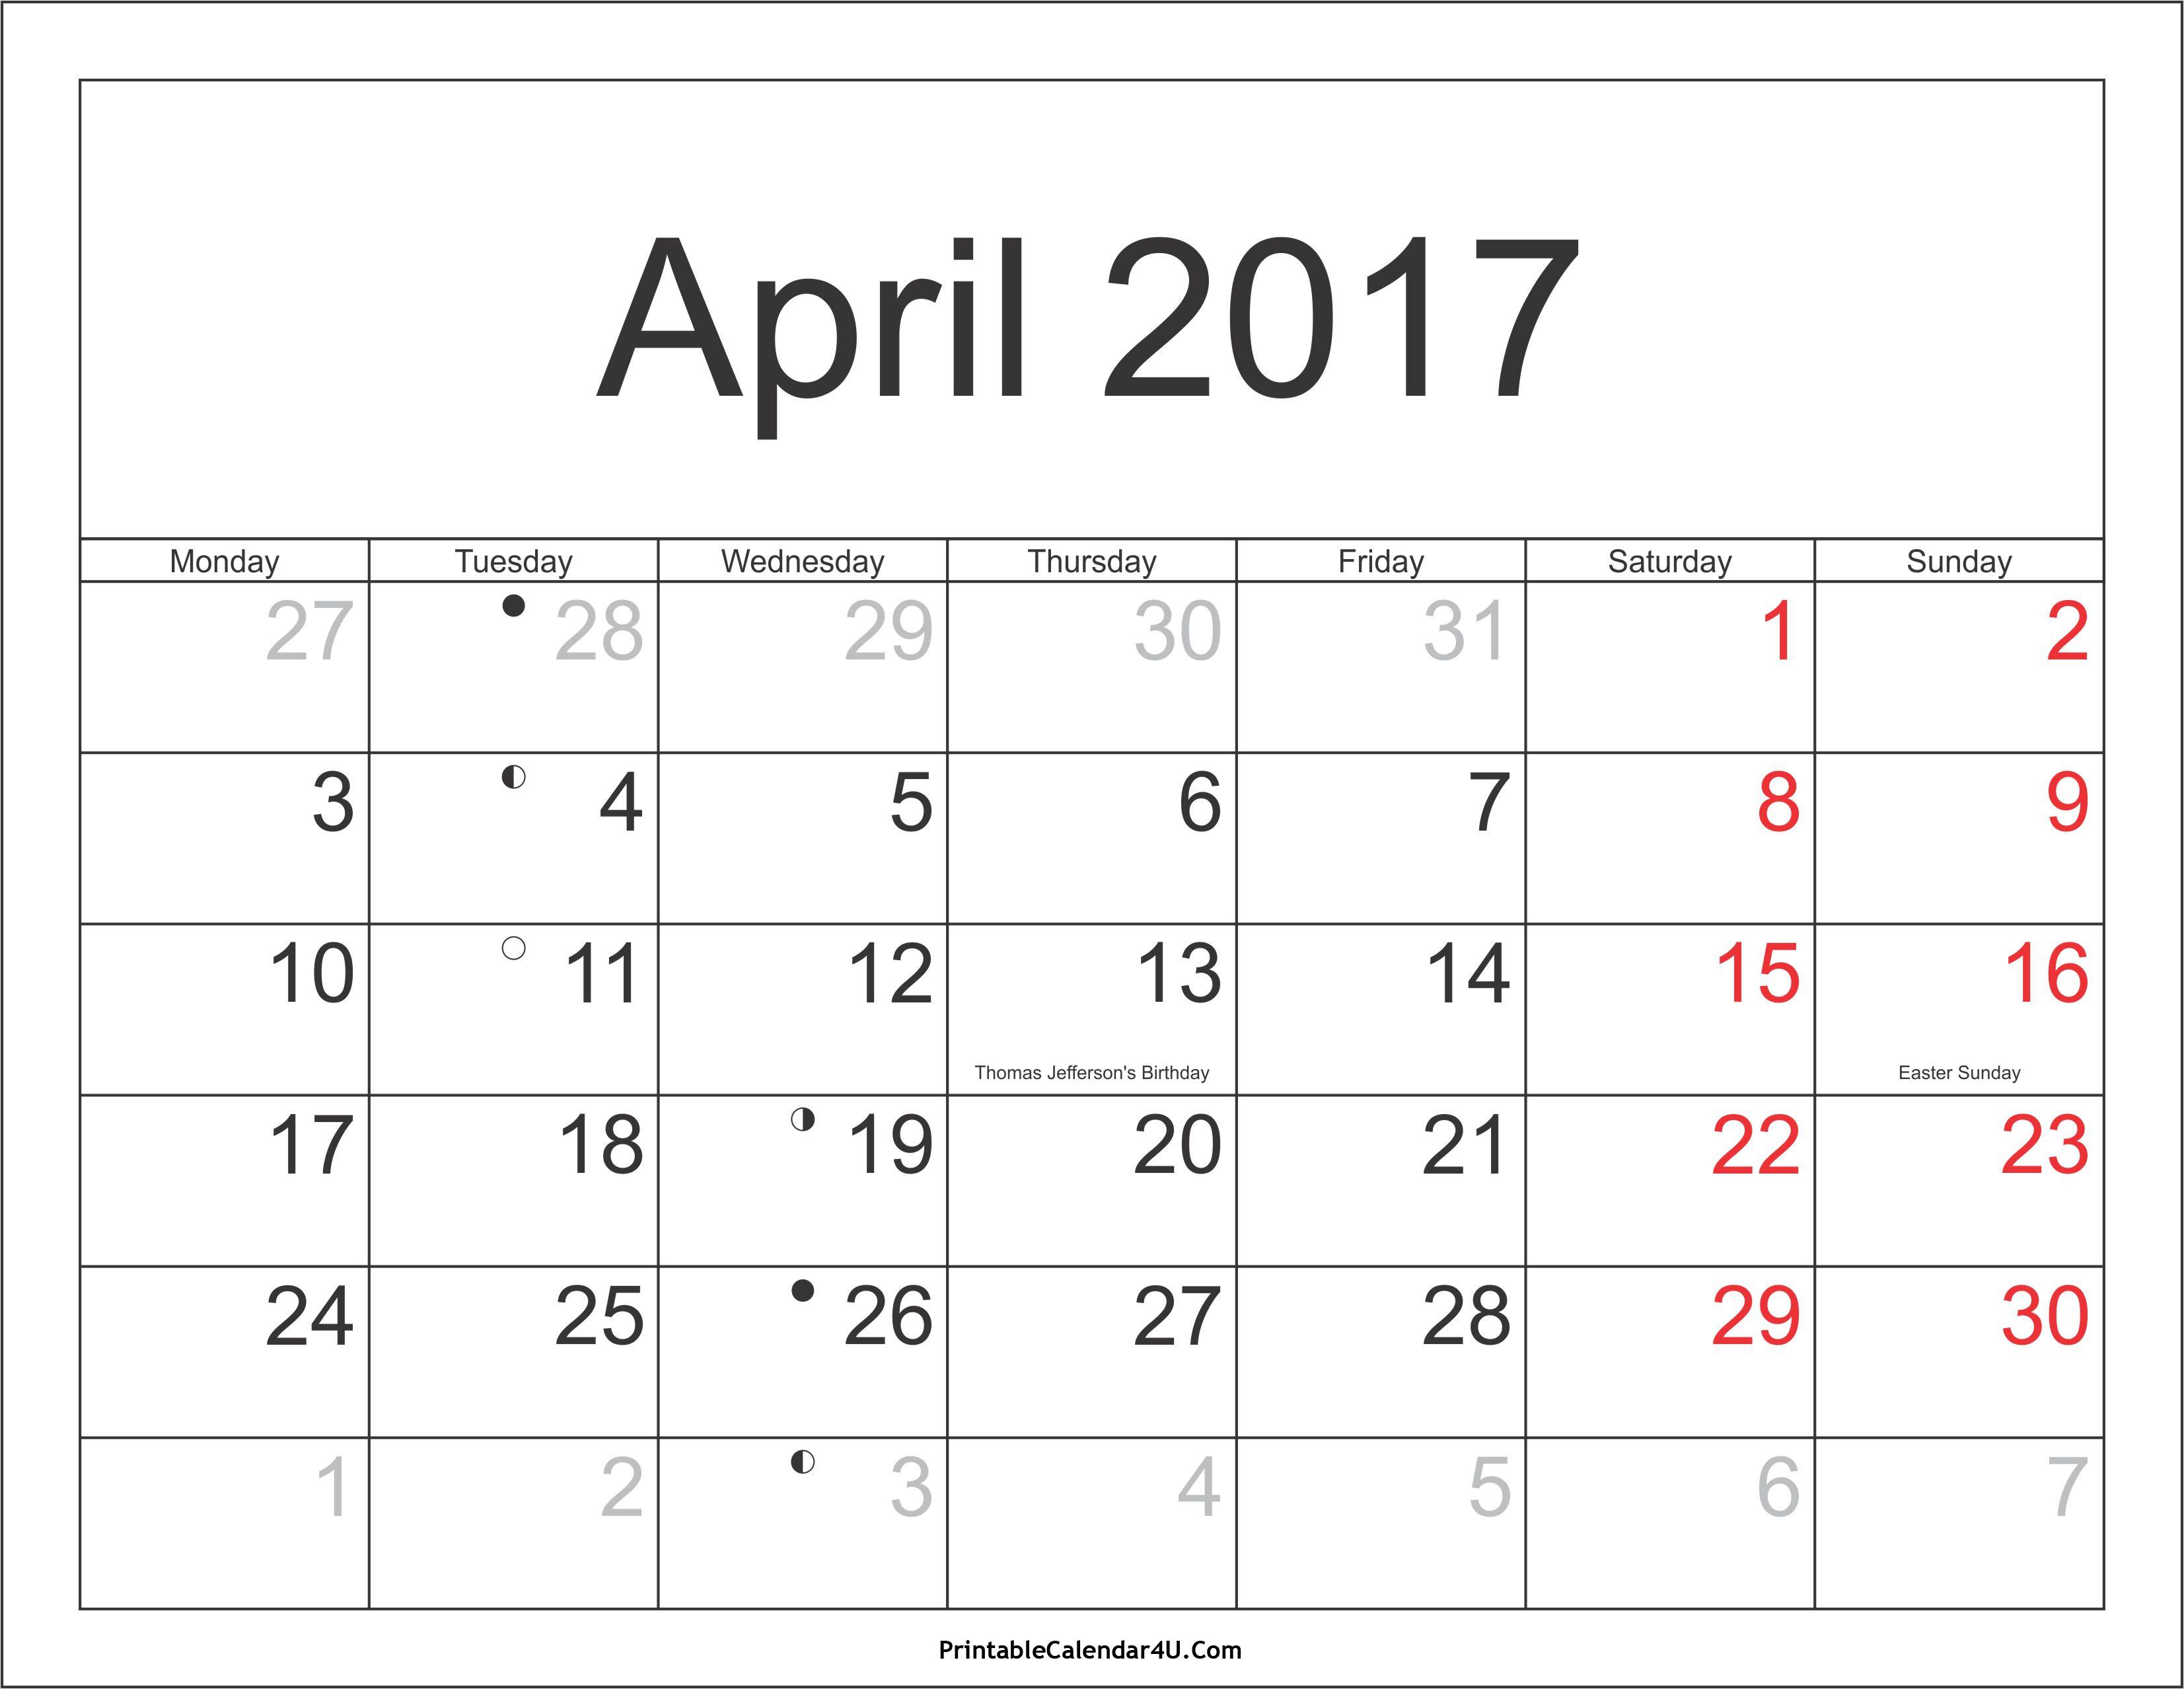 April 2017 Calendar With Holidays Uk Desain